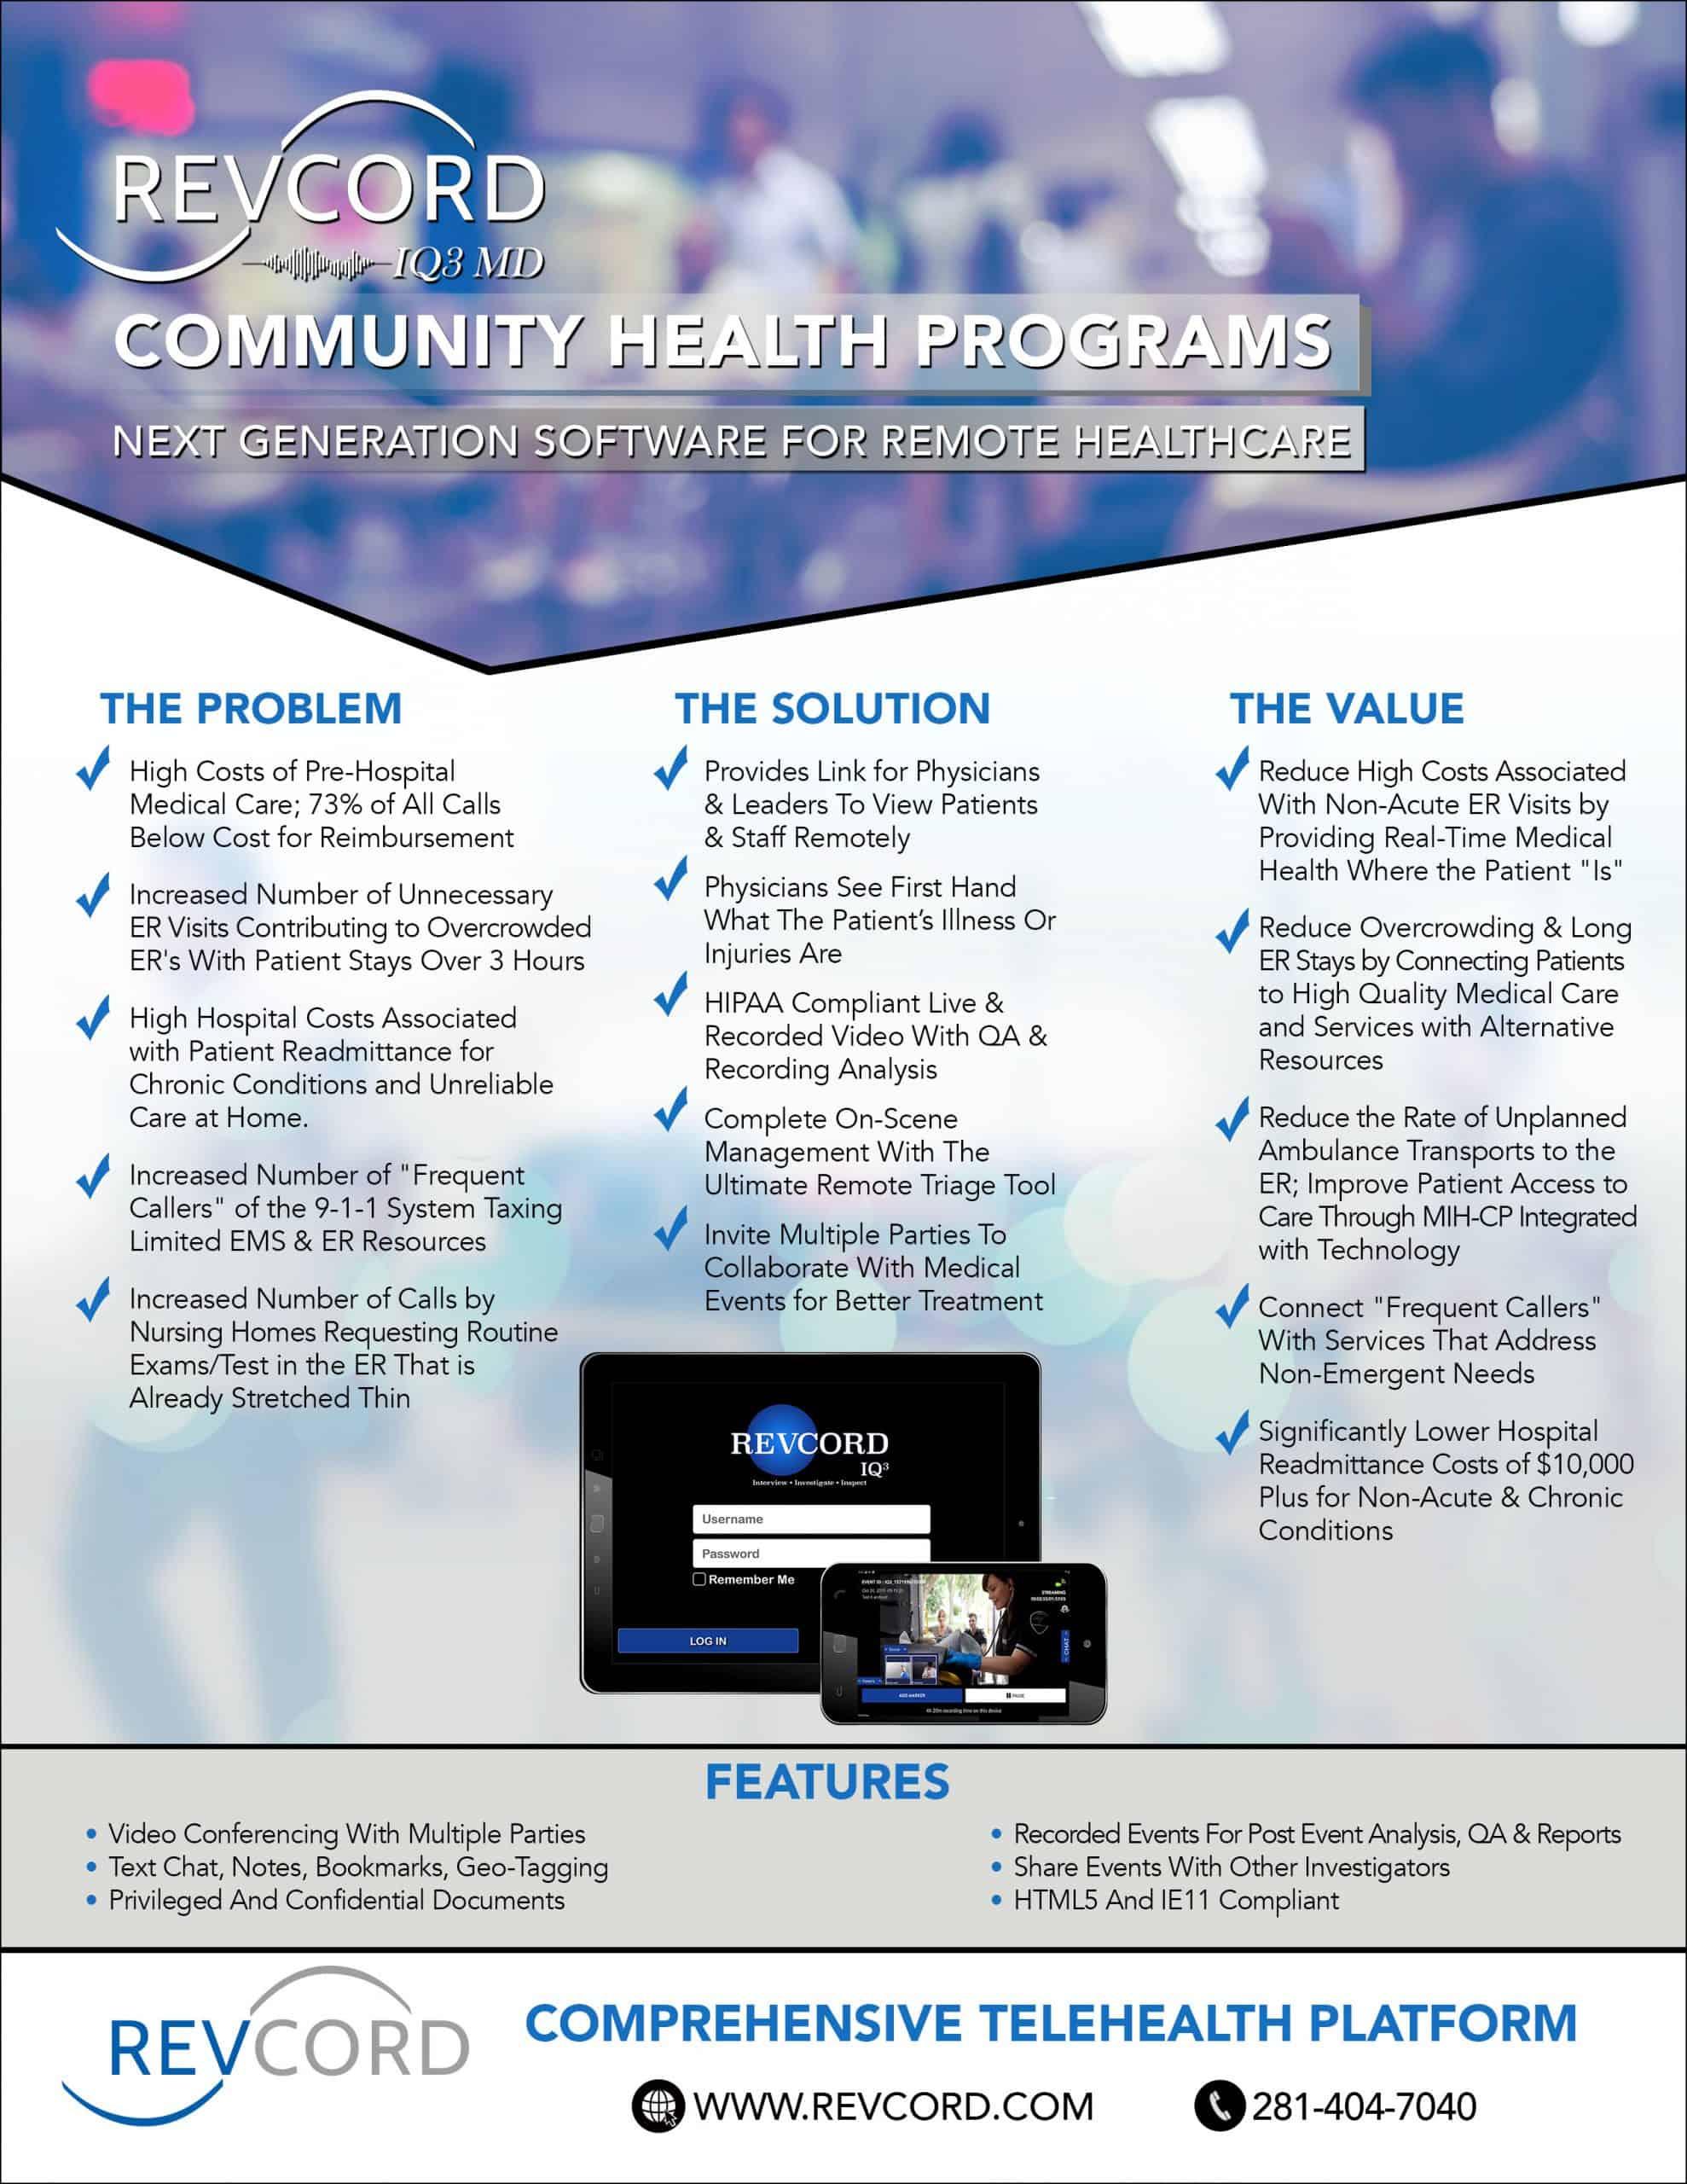 IQ3 MD Community Health